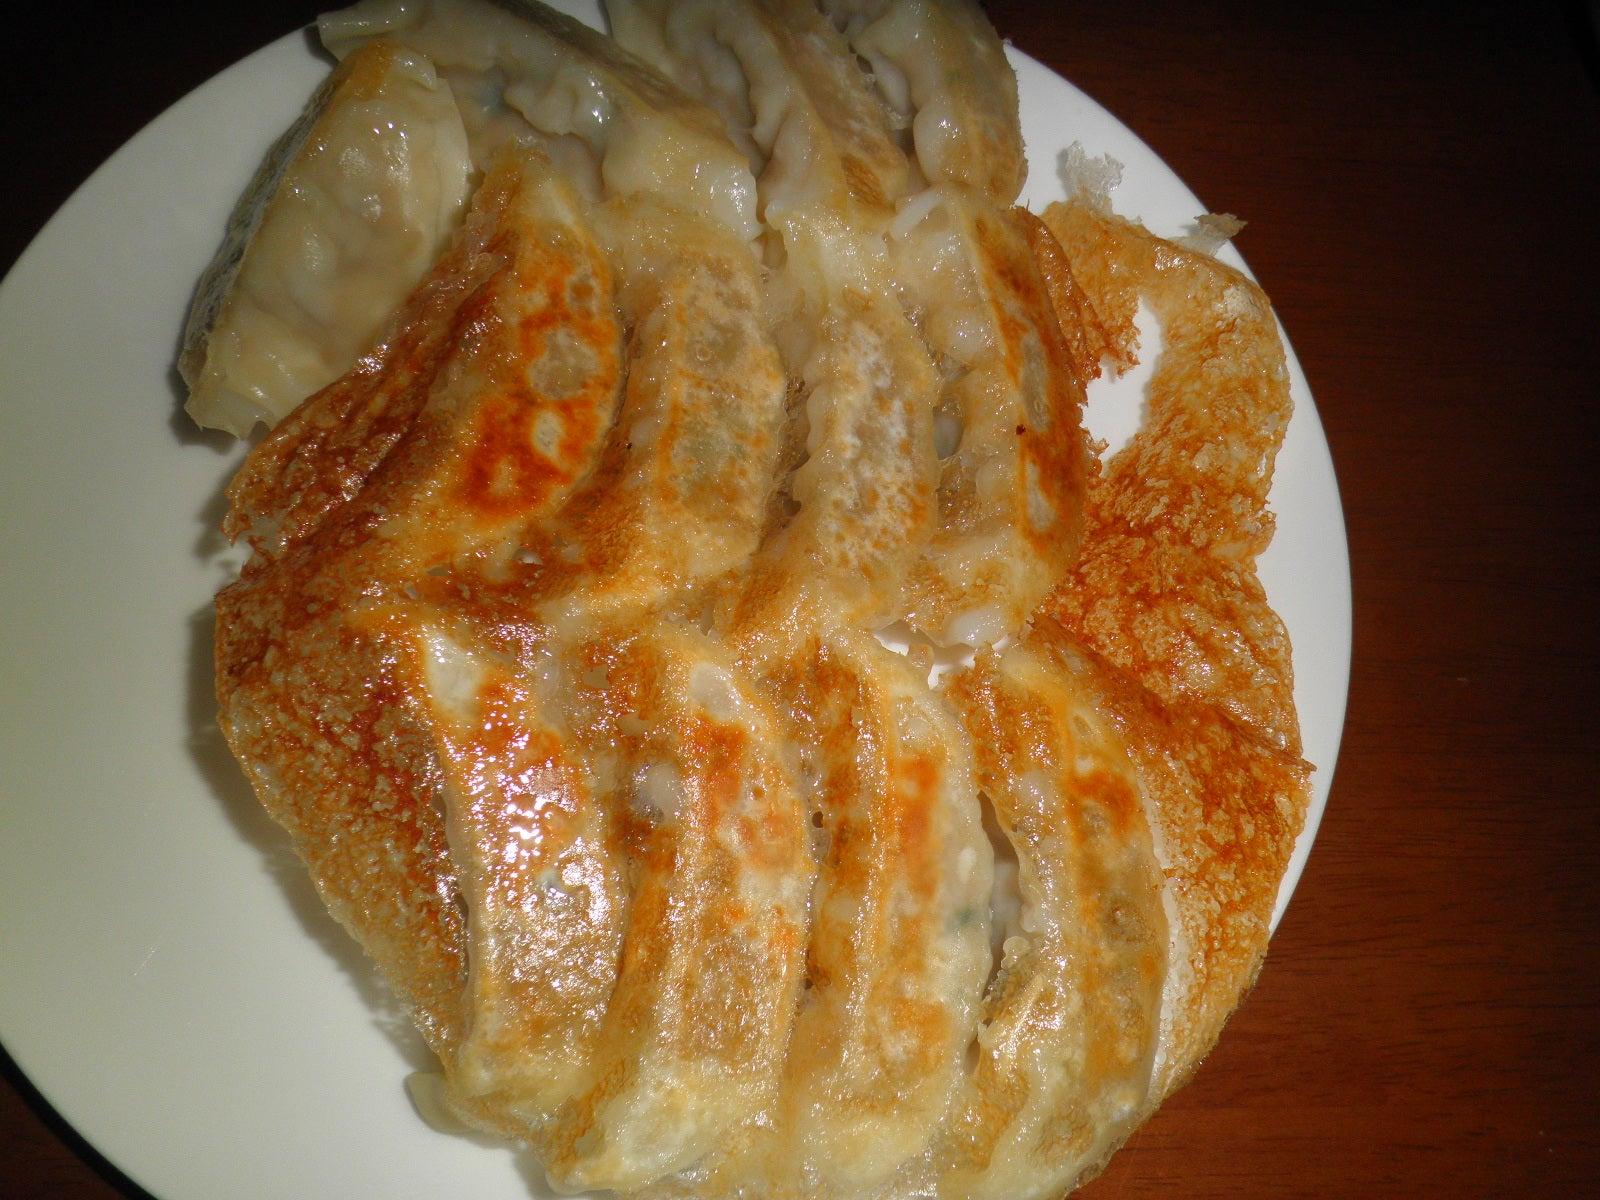 王將の冷凍餃子 | さきのすけのブログ